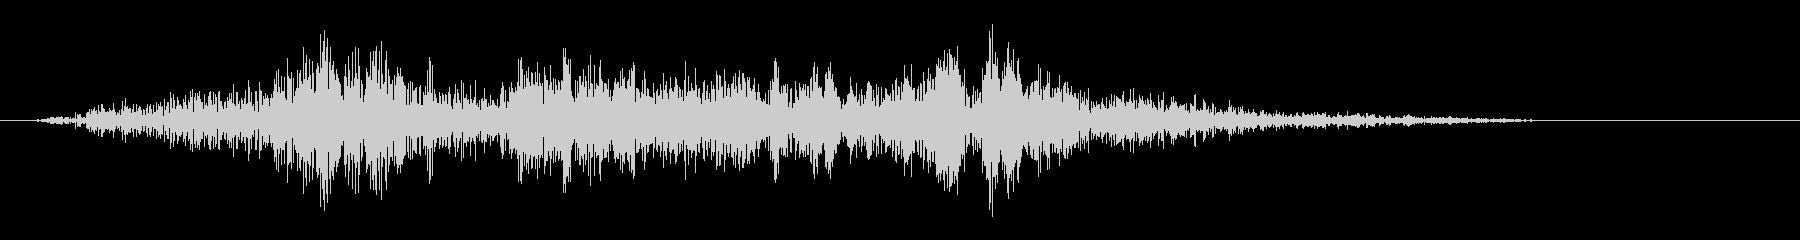 ワイヤーアクション_03の未再生の波形